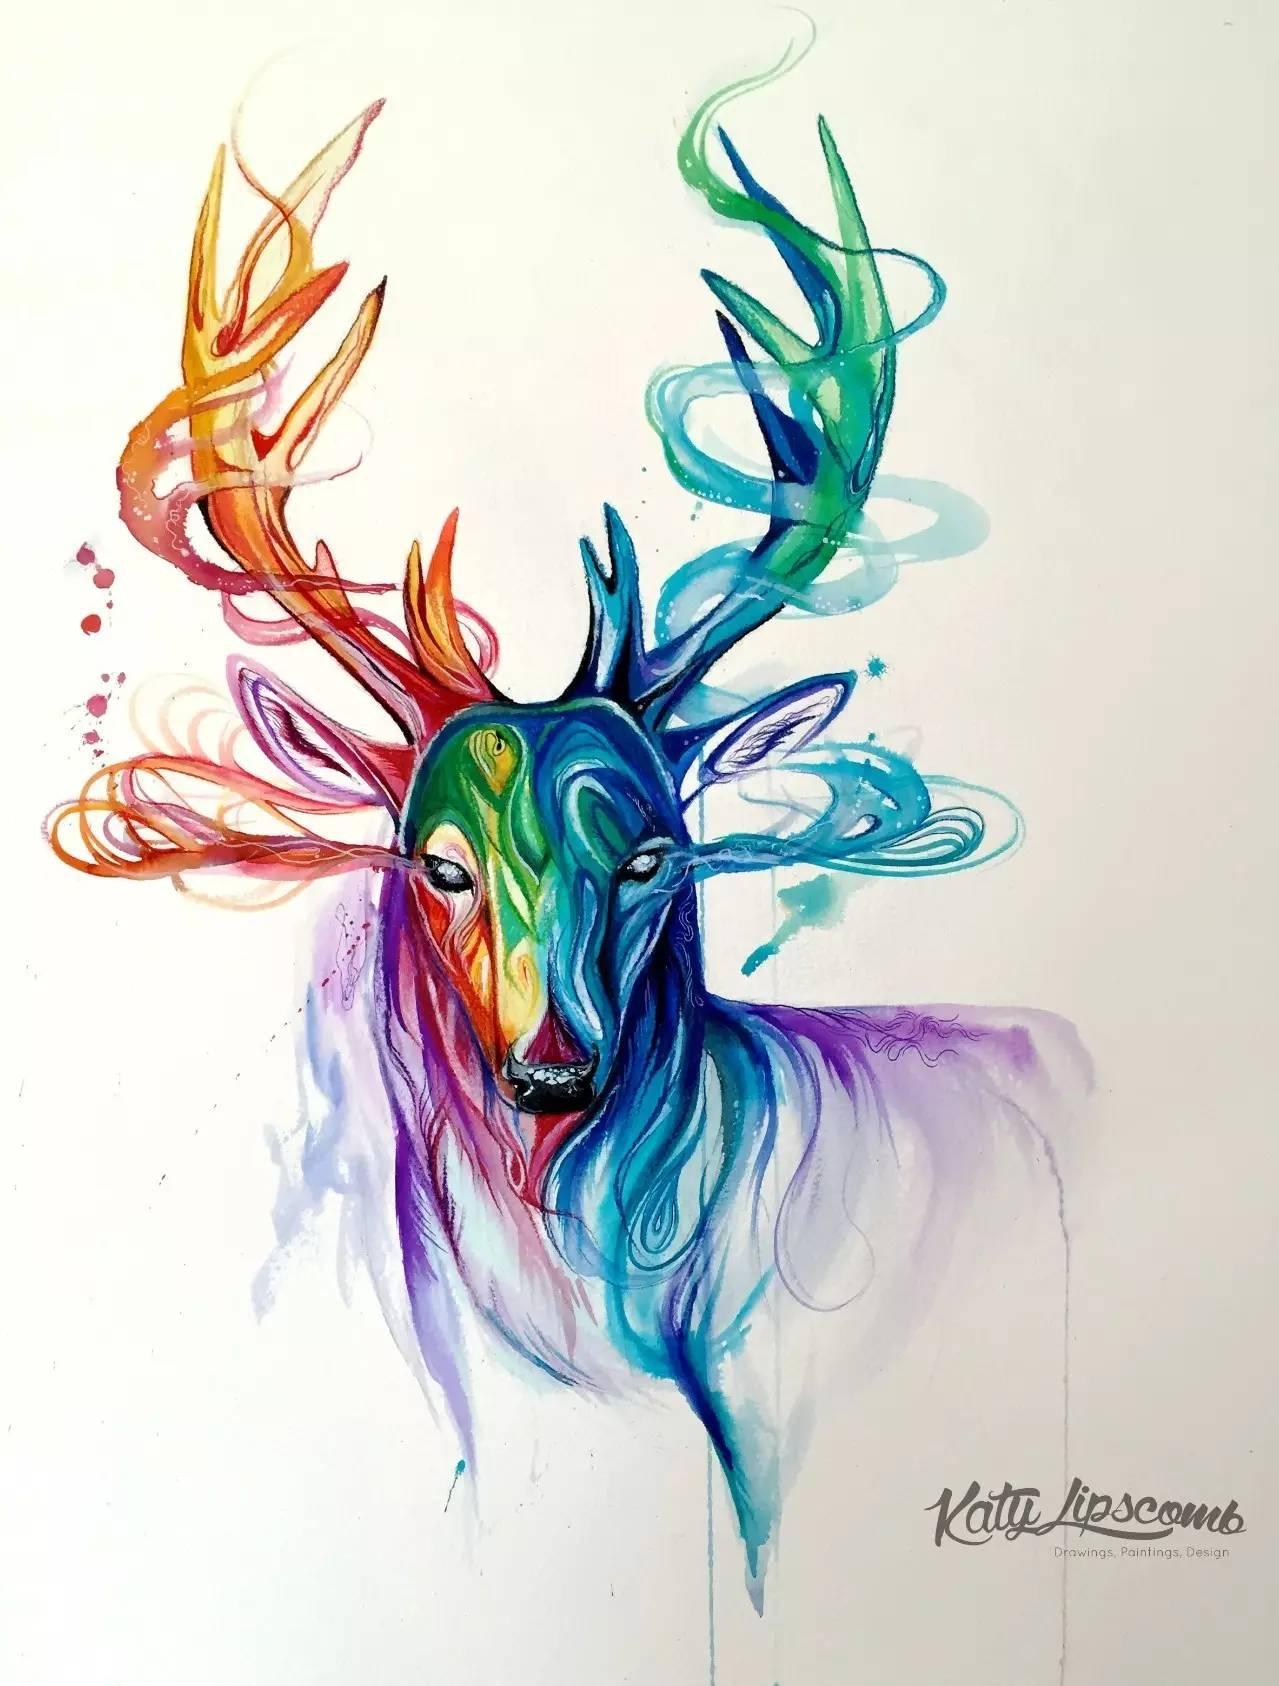 《153张创意动物水彩彩铅手绘插画素材》